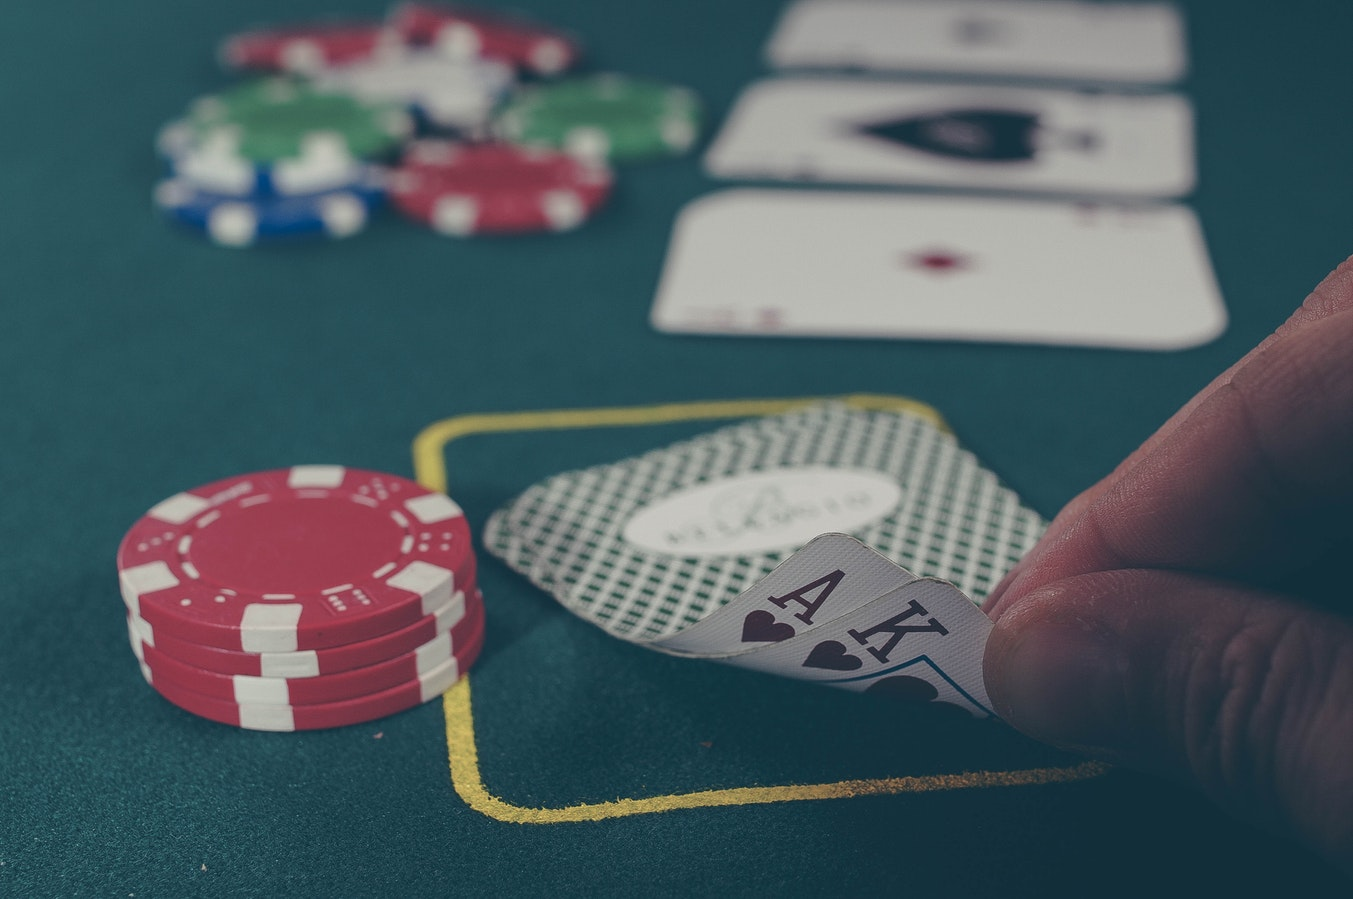 Comment expliquer la hausse de popularité incroyable du poker ?